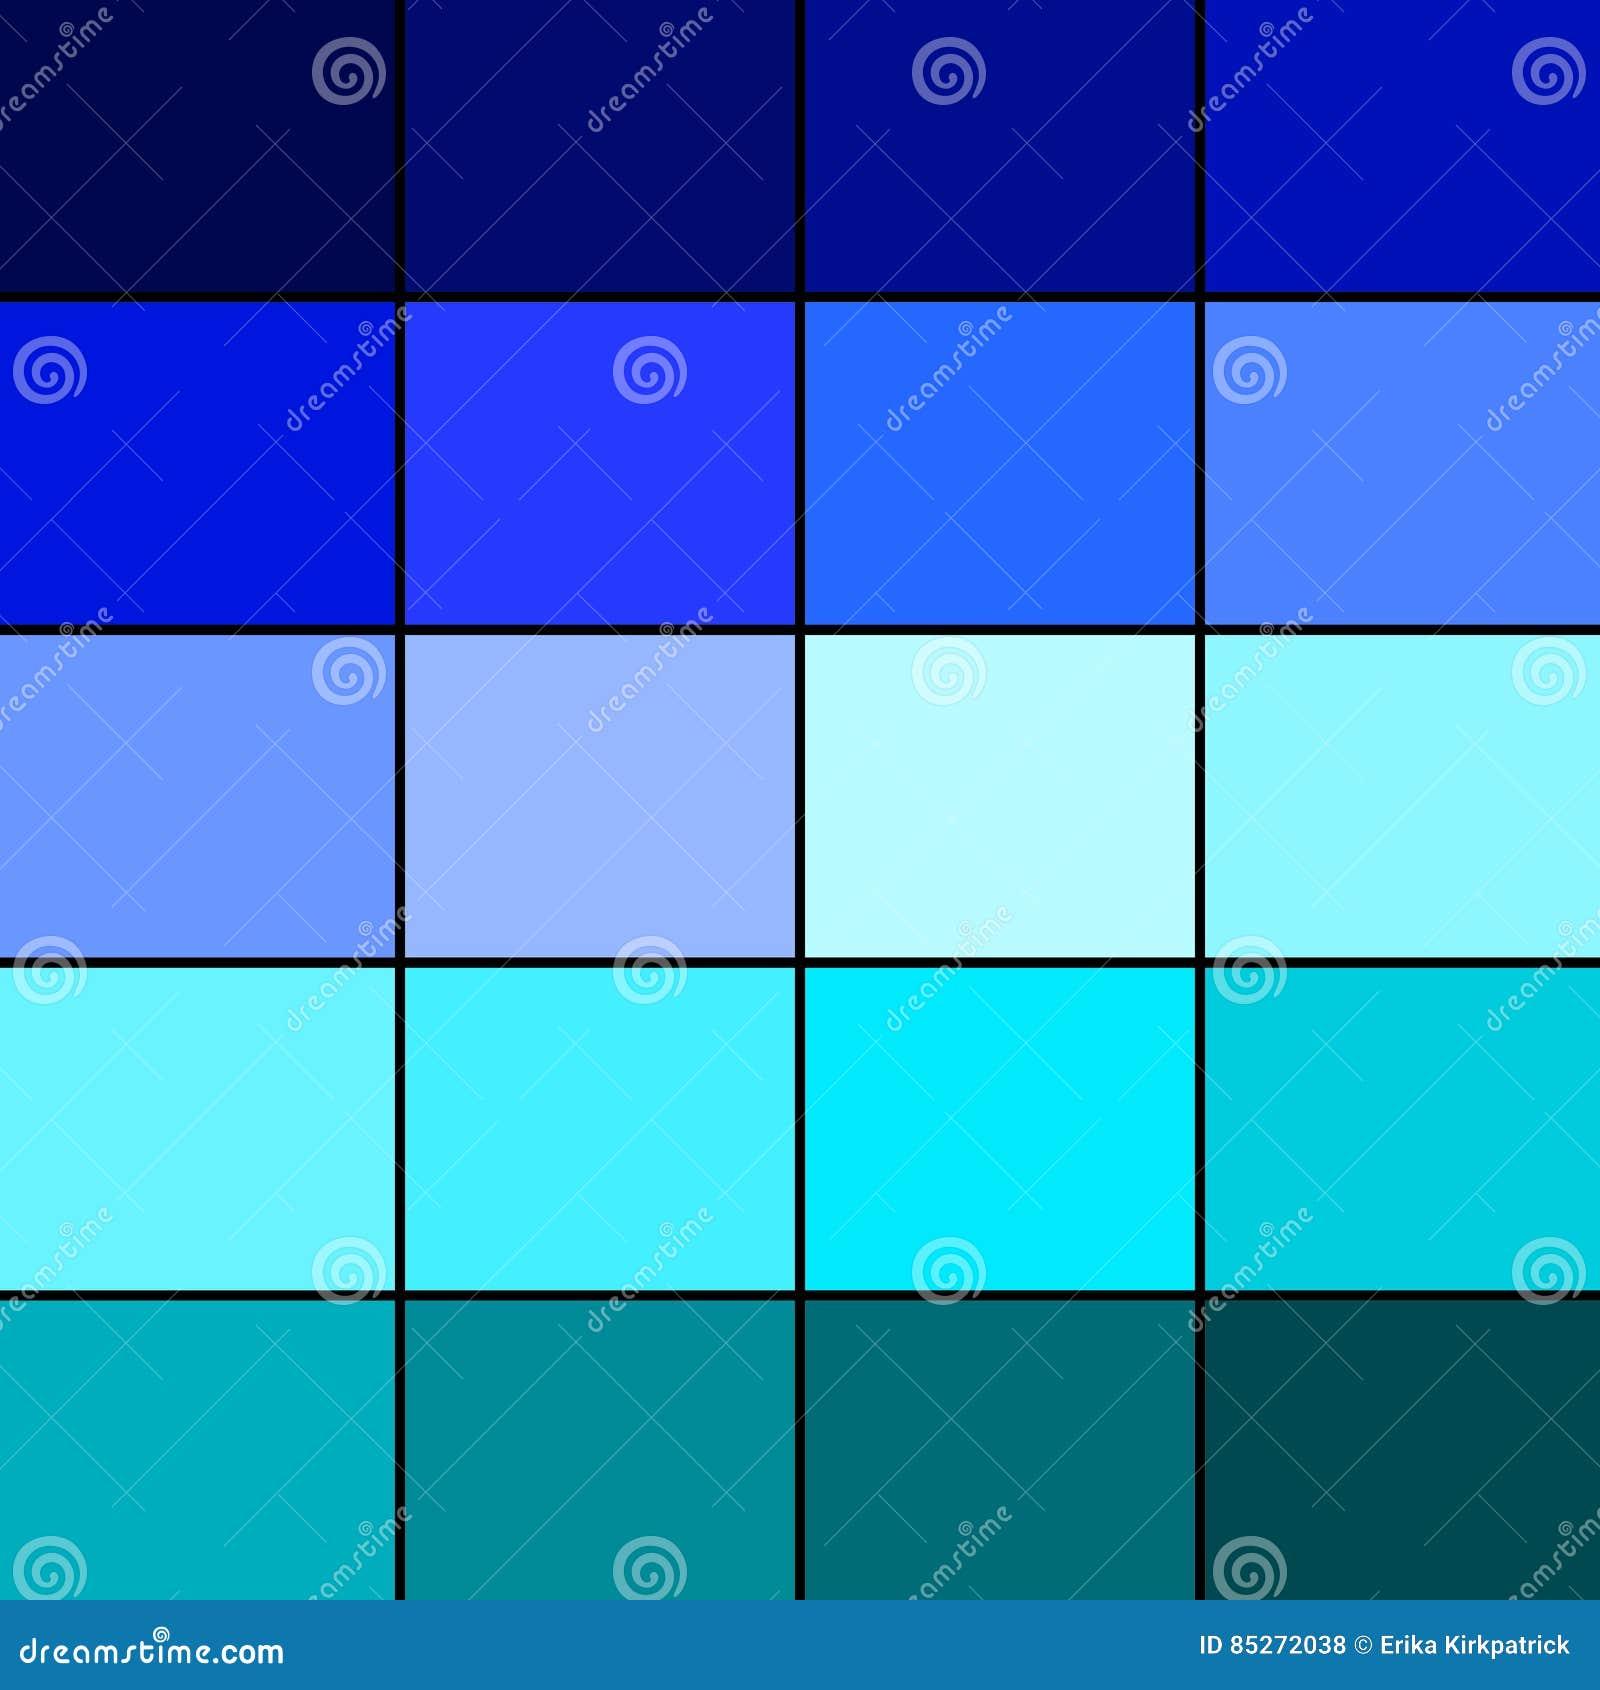 Paleta De Cores Azul Ilustra O Stock Ilustra O De